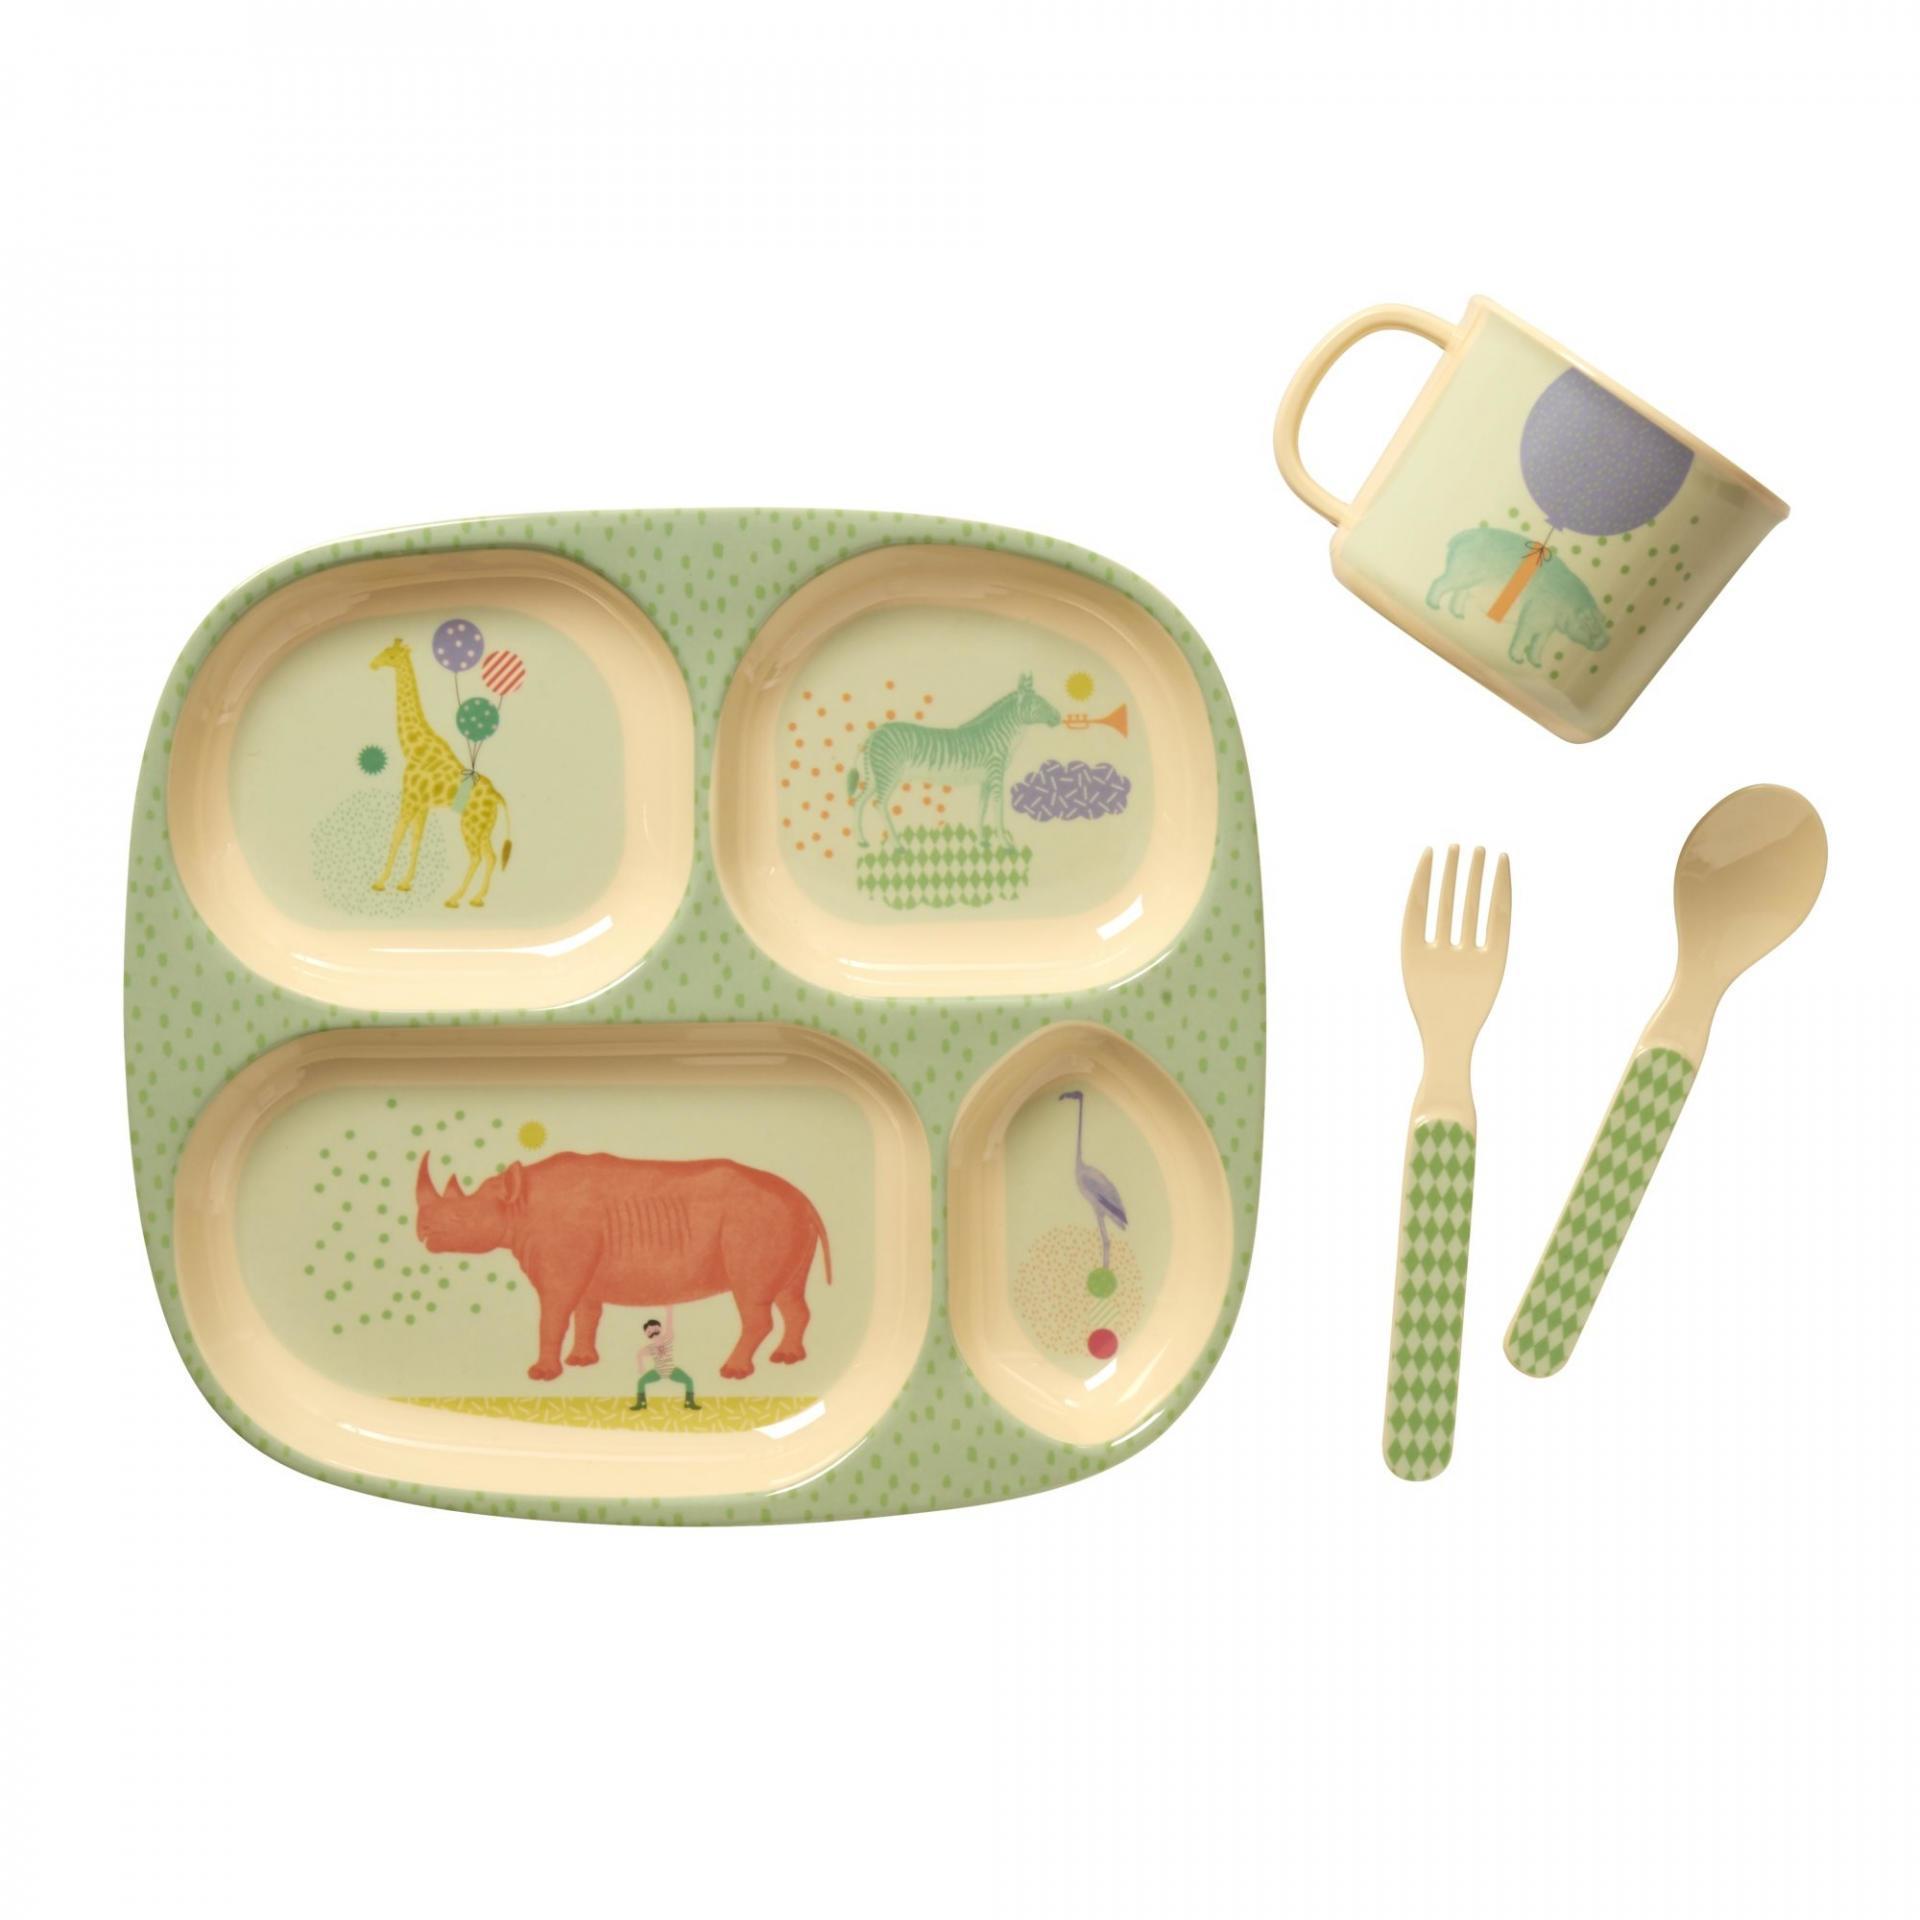 rice Sada melaminového nádobí pro kluky - 4 ks, zelená barva, žlutá barva, multi barva, melamin